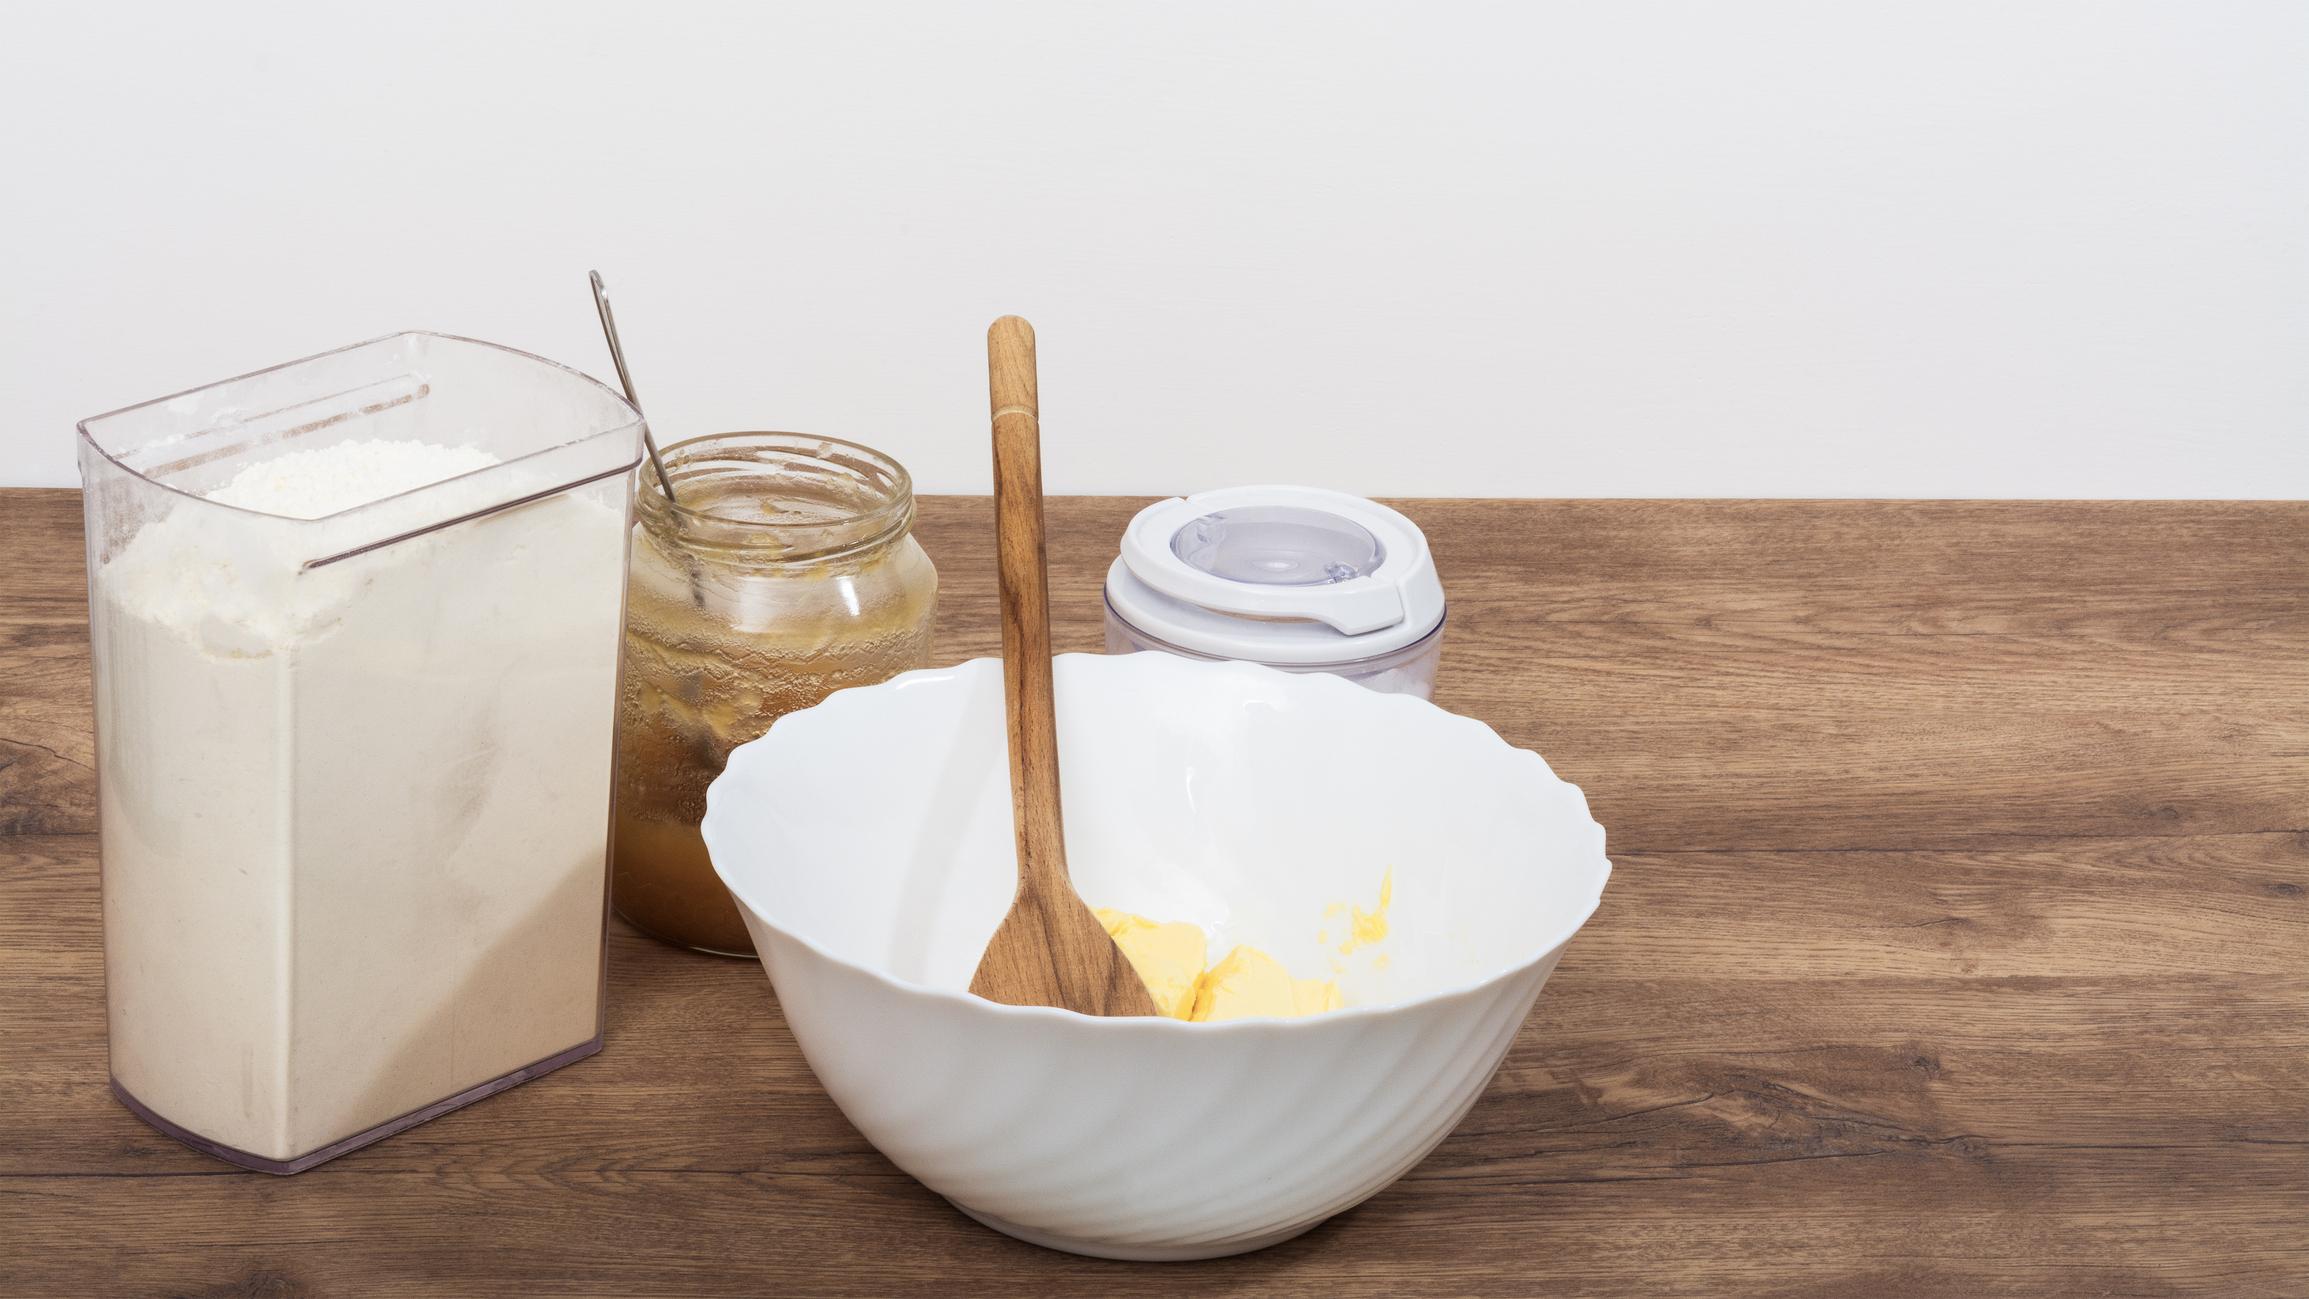 A zsír vagy a cukor károsabb? | Well&fit